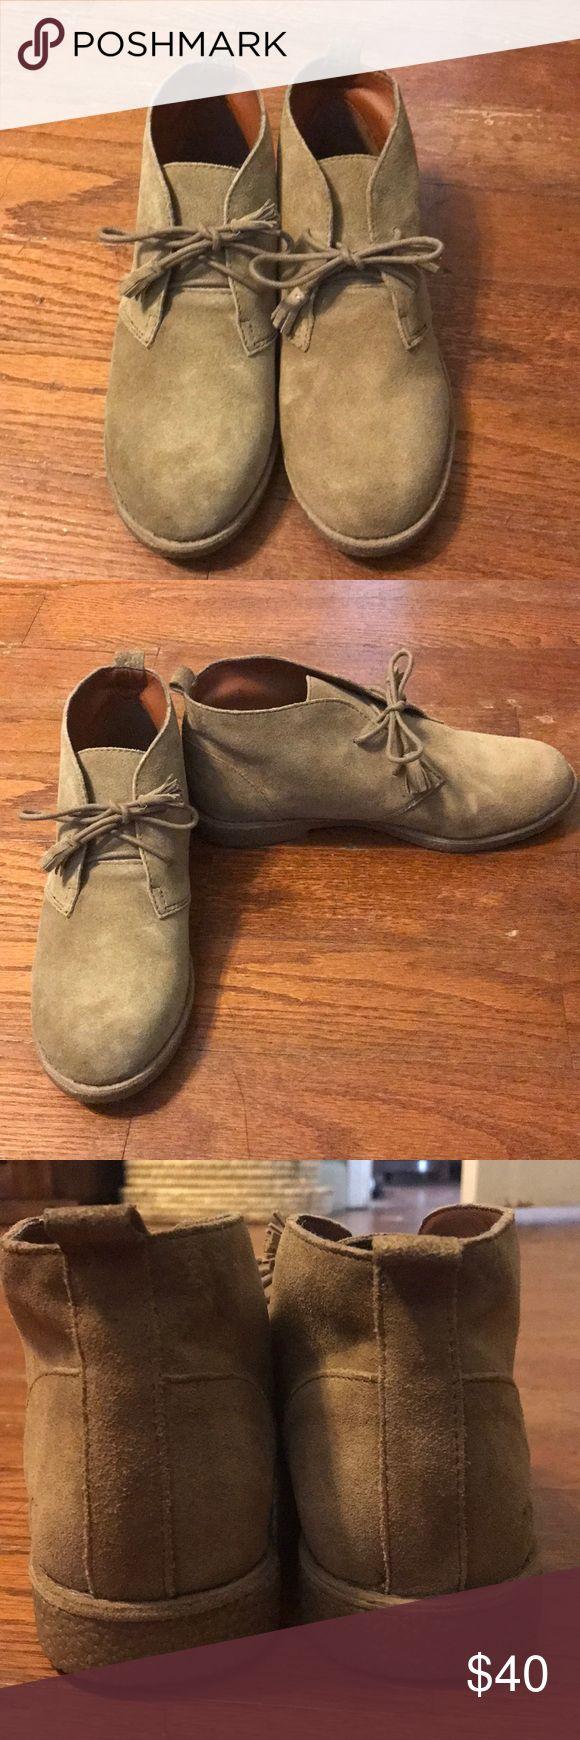 Lucky Brand Suede Chukka Booties Beige suede chukka boots. Never worn Lucky Brand Shoes Ankle Boots & Booties